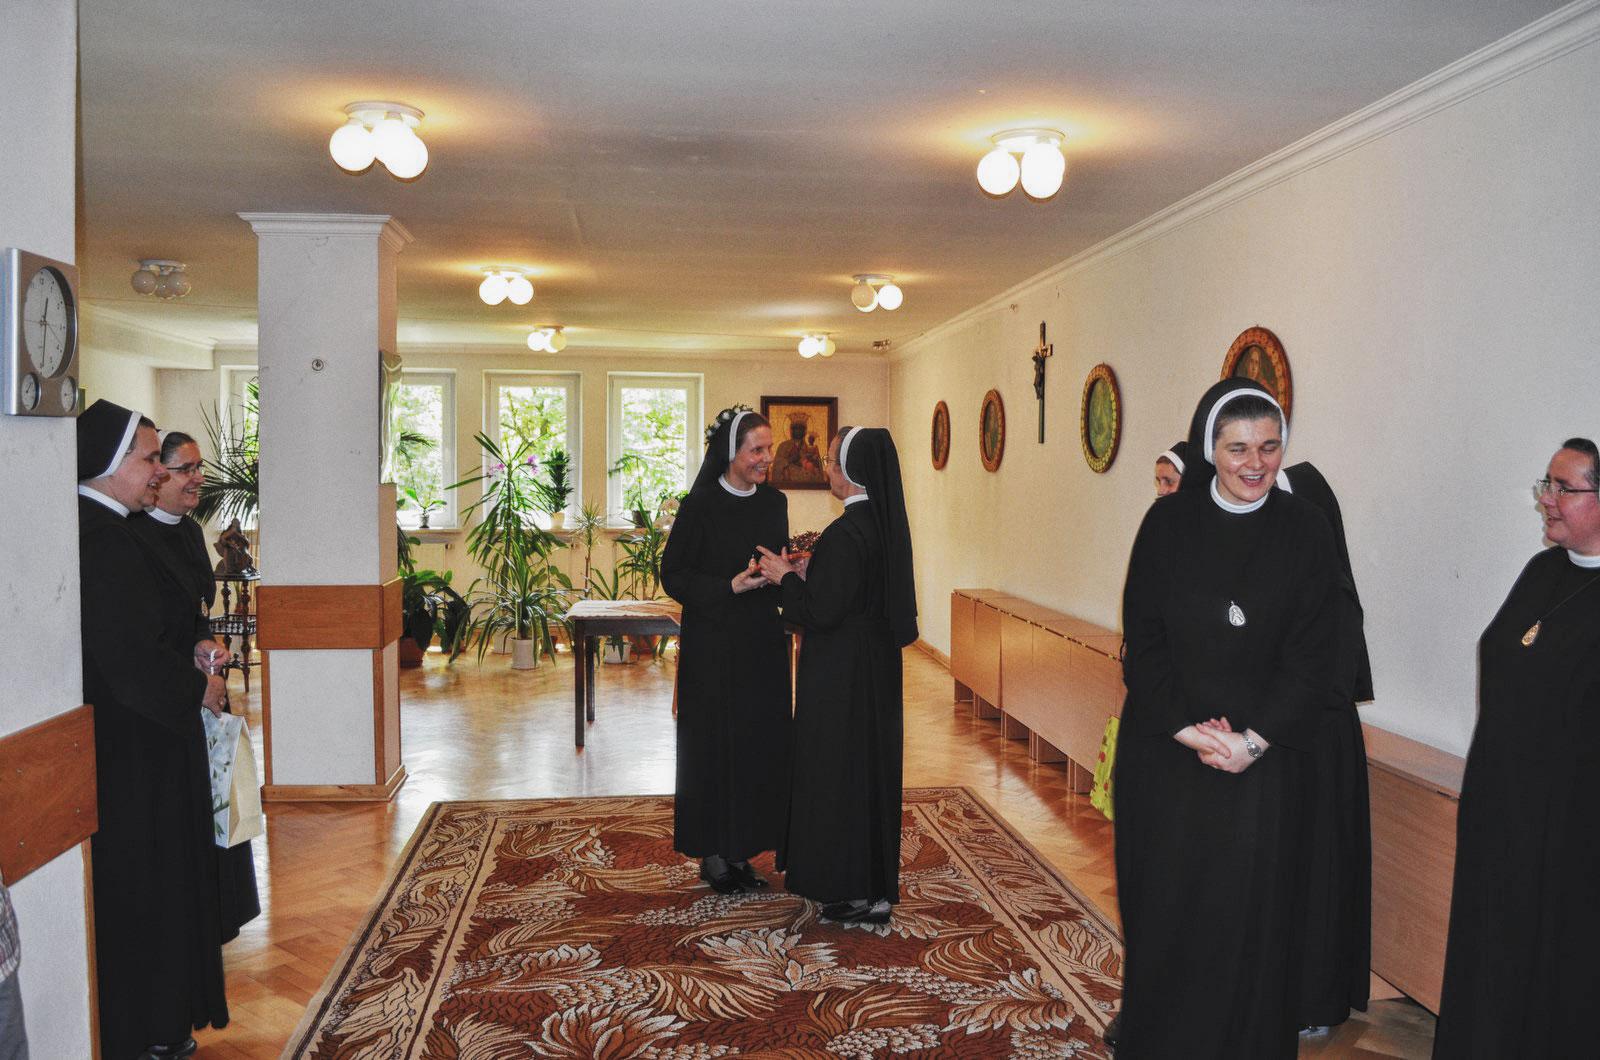 Sióstr_św_Elżbiety-Pierwsze_Śluby_fotorelacja-I-SLUBY-DSC_0606-min.jpg